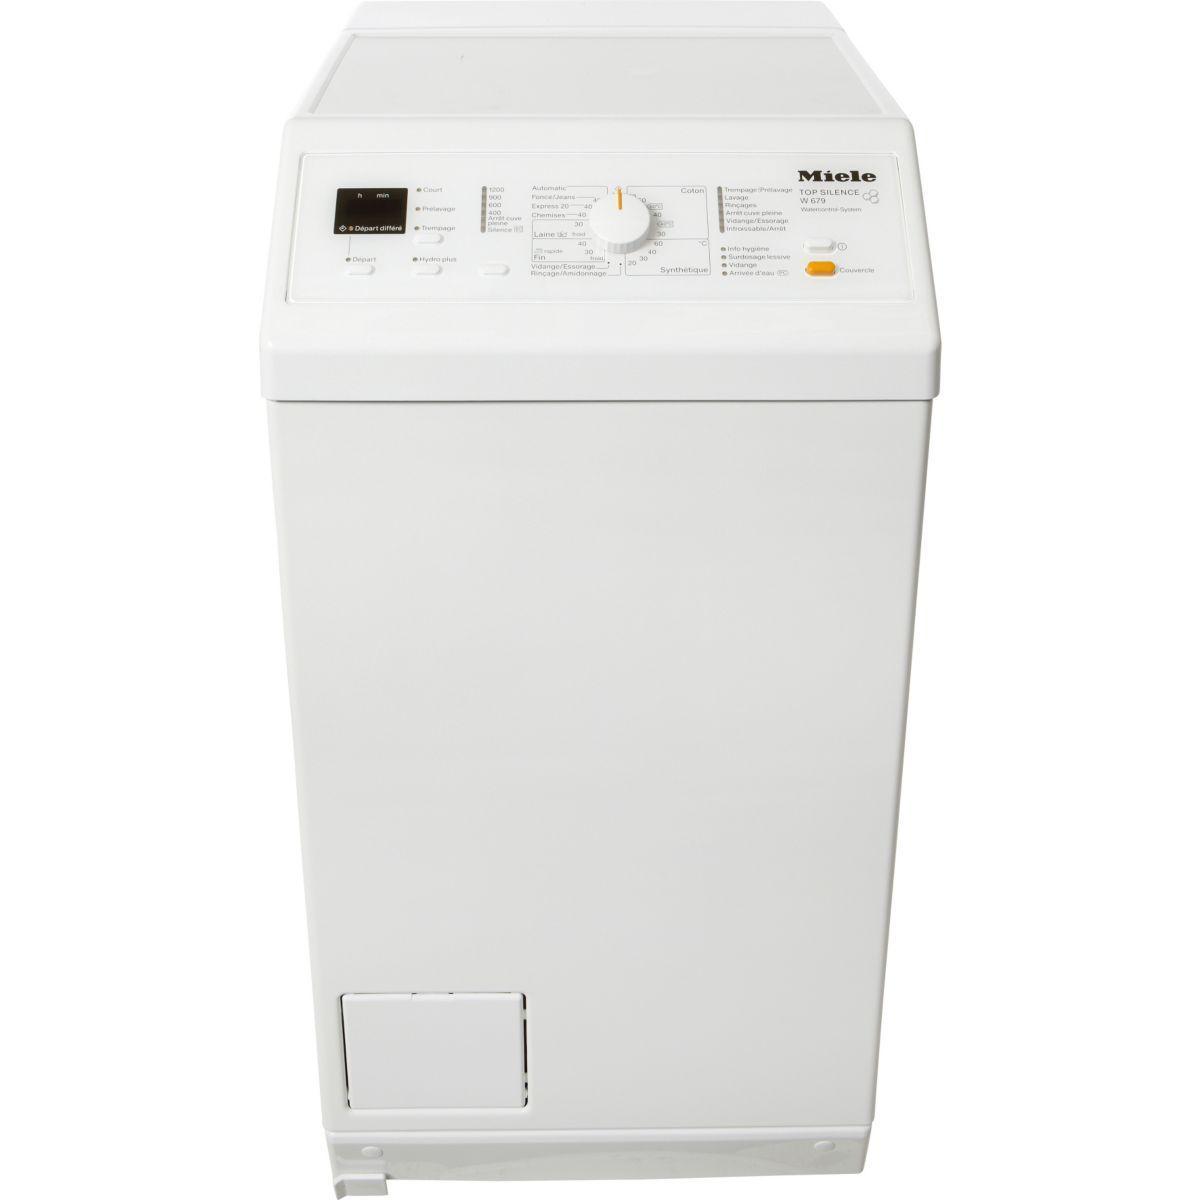 Lave-linge Top MIELE W 679